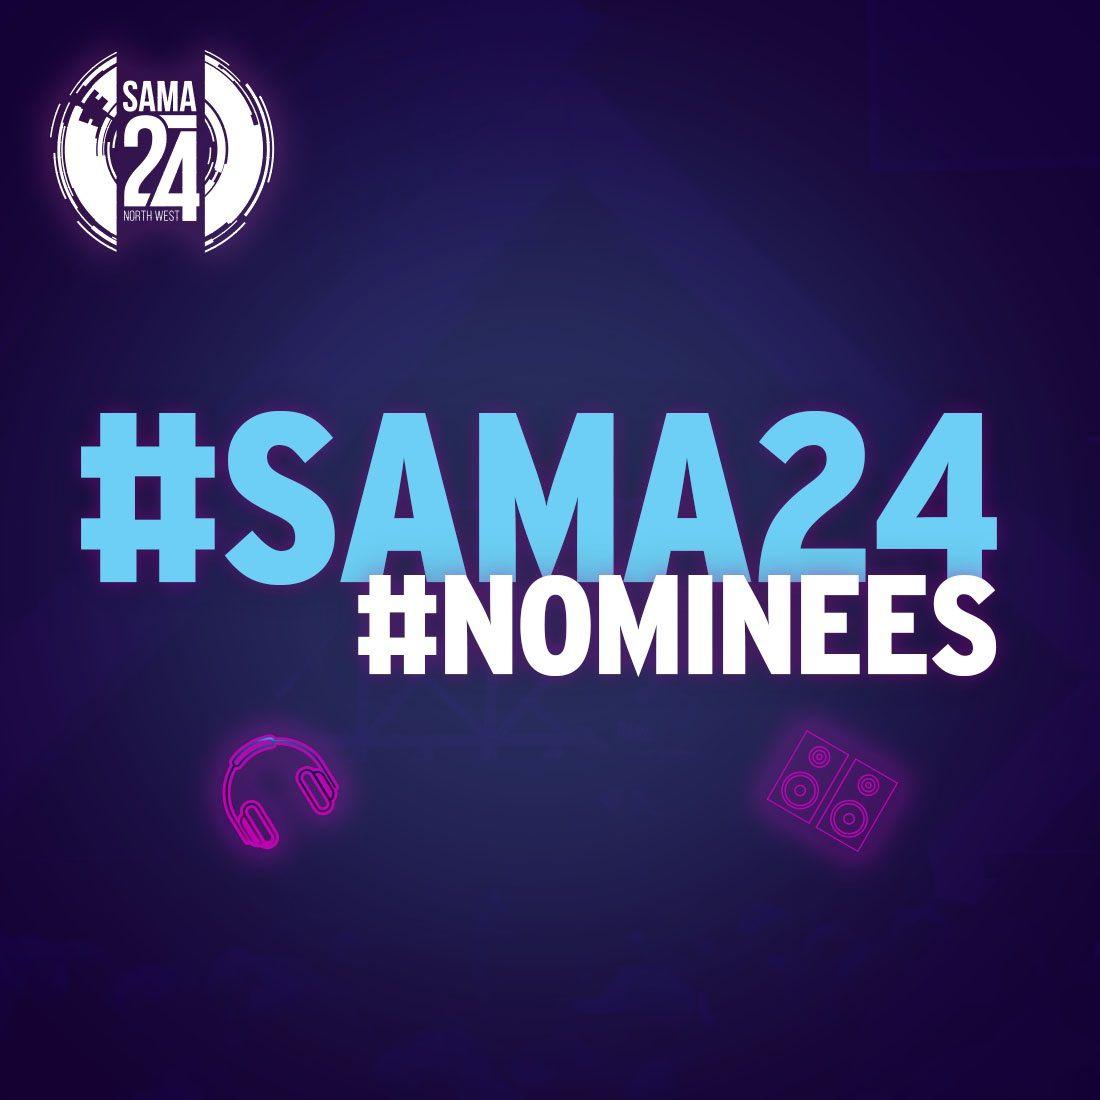 Sama 24 Nominees Revealed photo